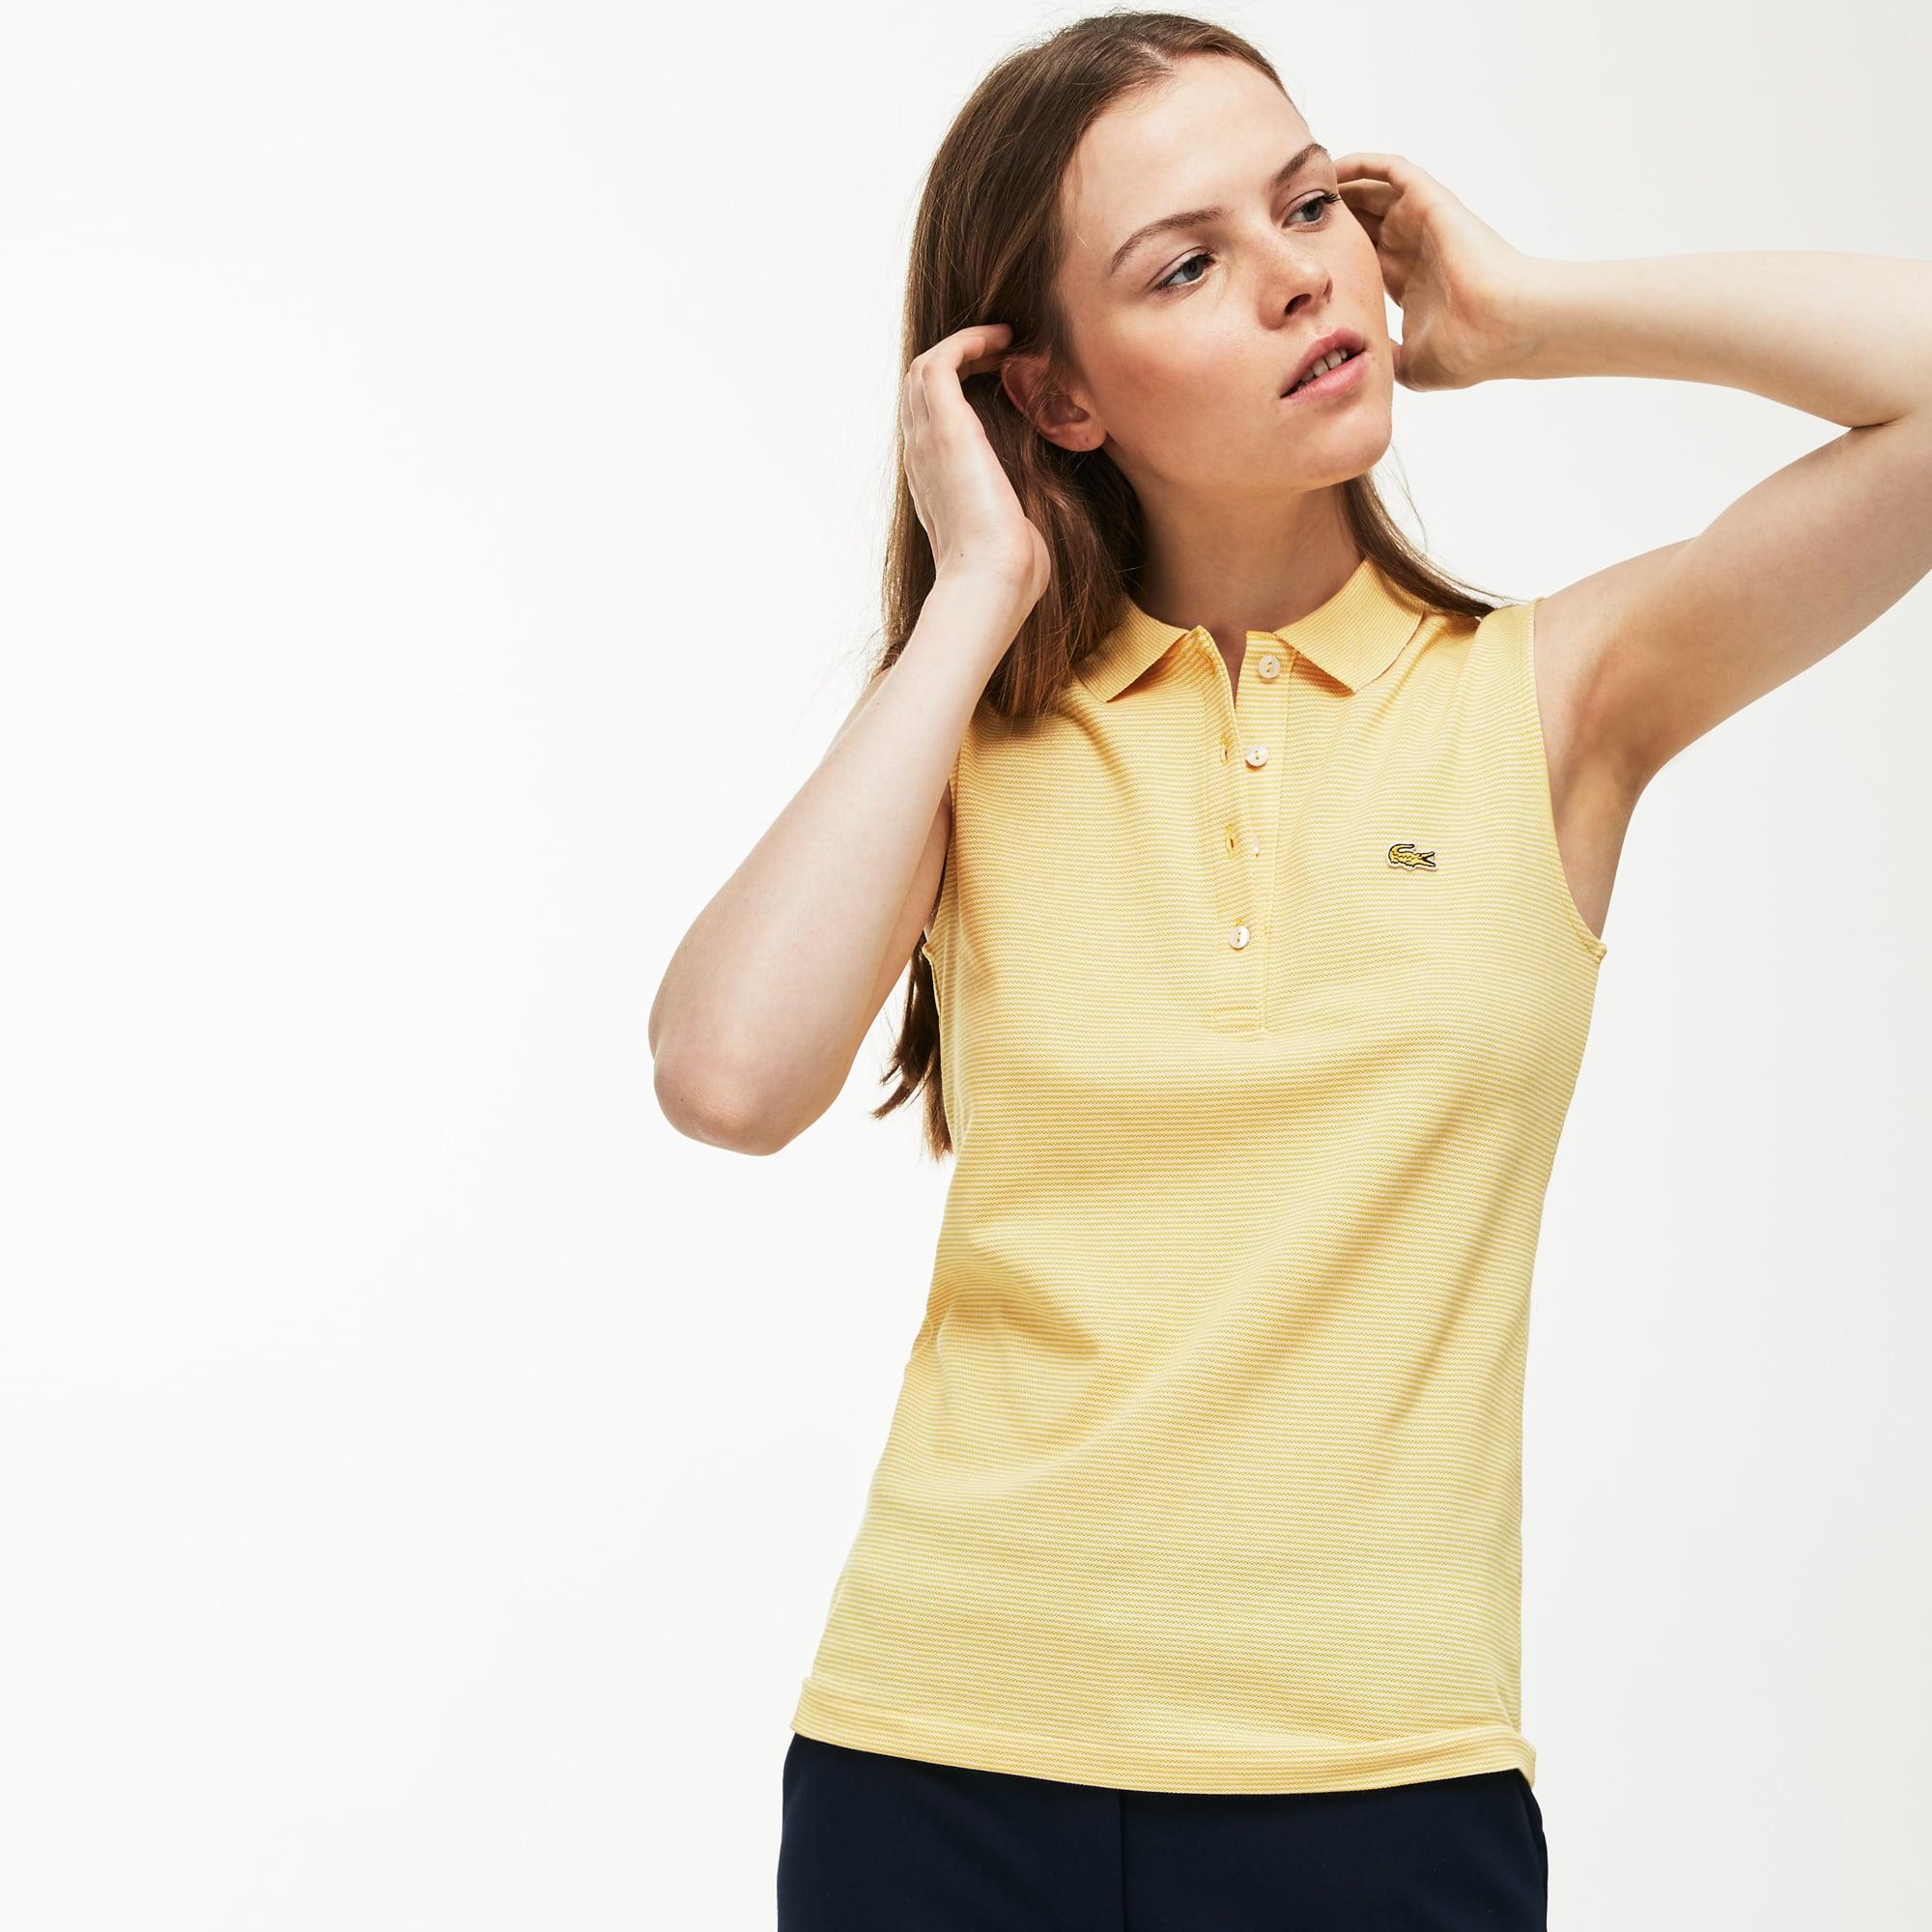 Vêtements Femme Vêtements Lacoste Femme Lacoste Femme Mode Mode Vêtements Lacoste Mode 6BwFq755